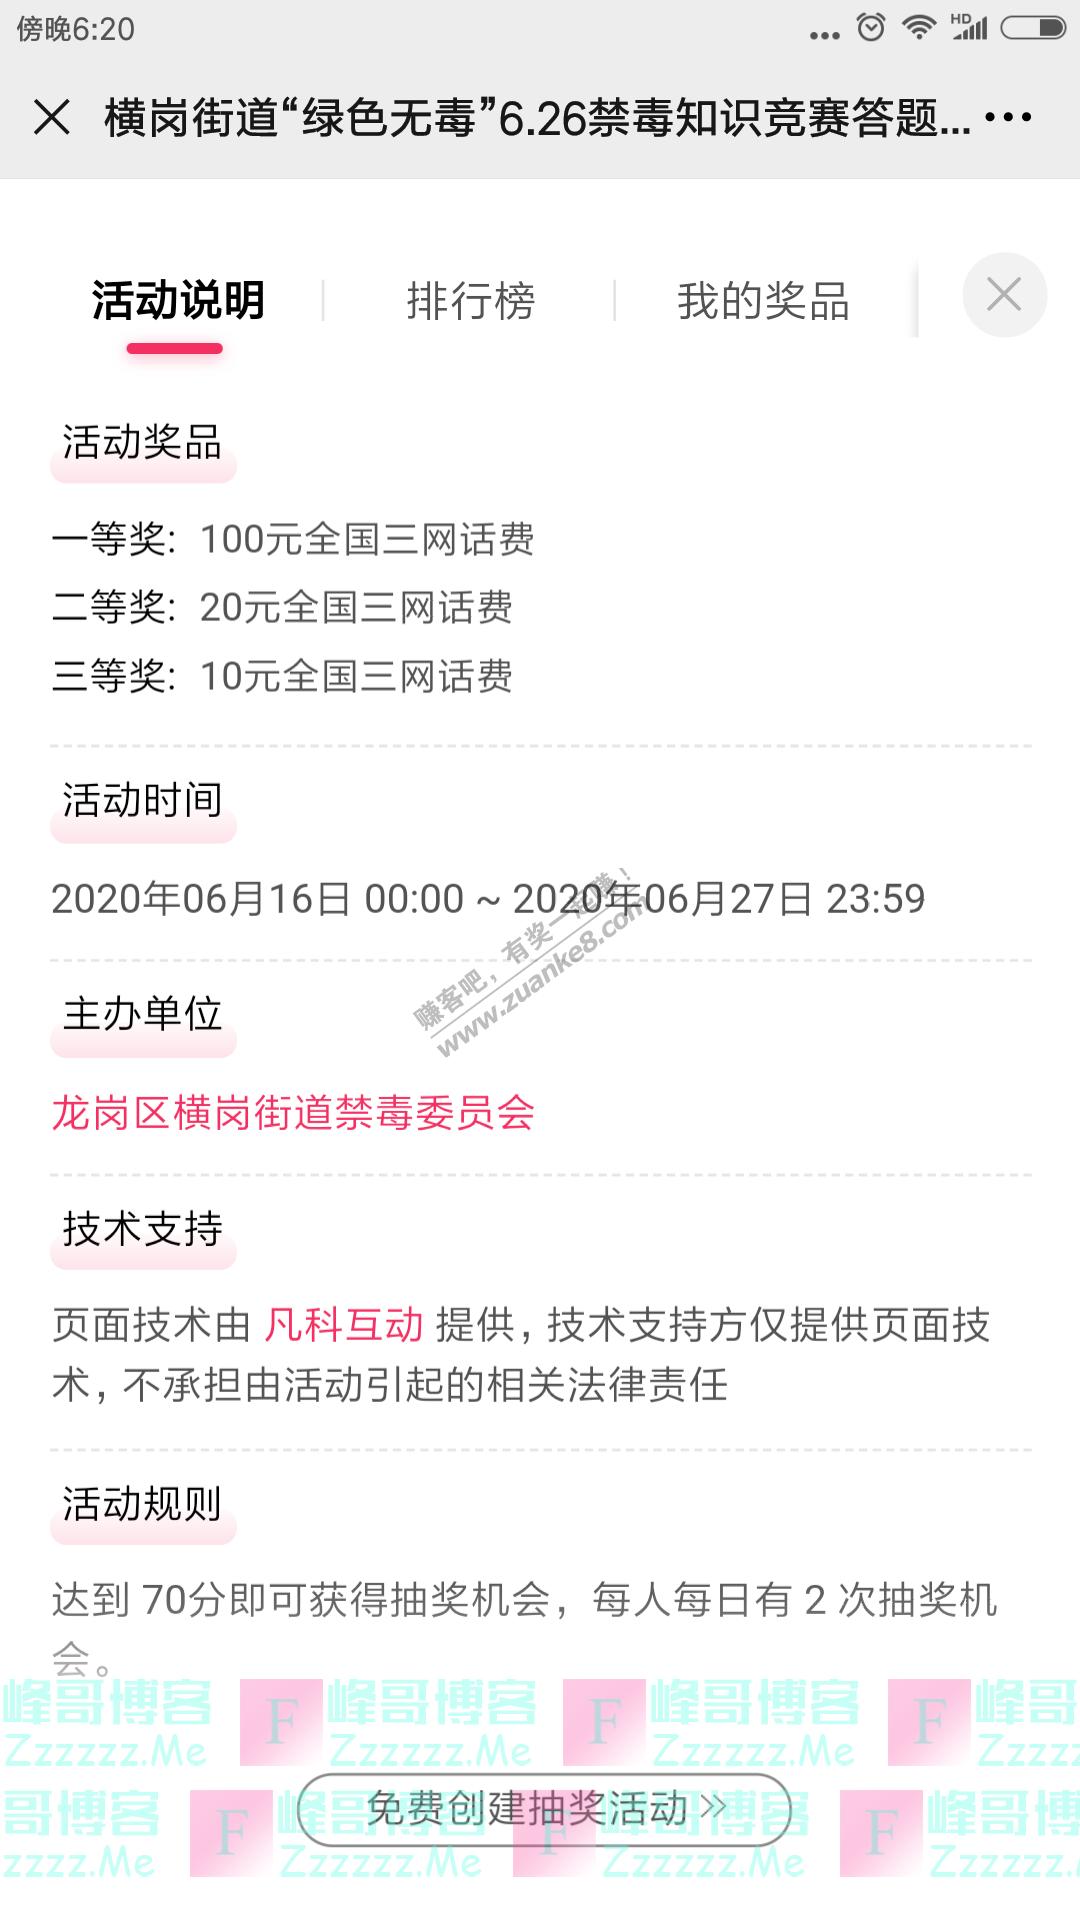 精彩横岗做禁毒知识竞赛答题,赢百元话费(截止6月27日)